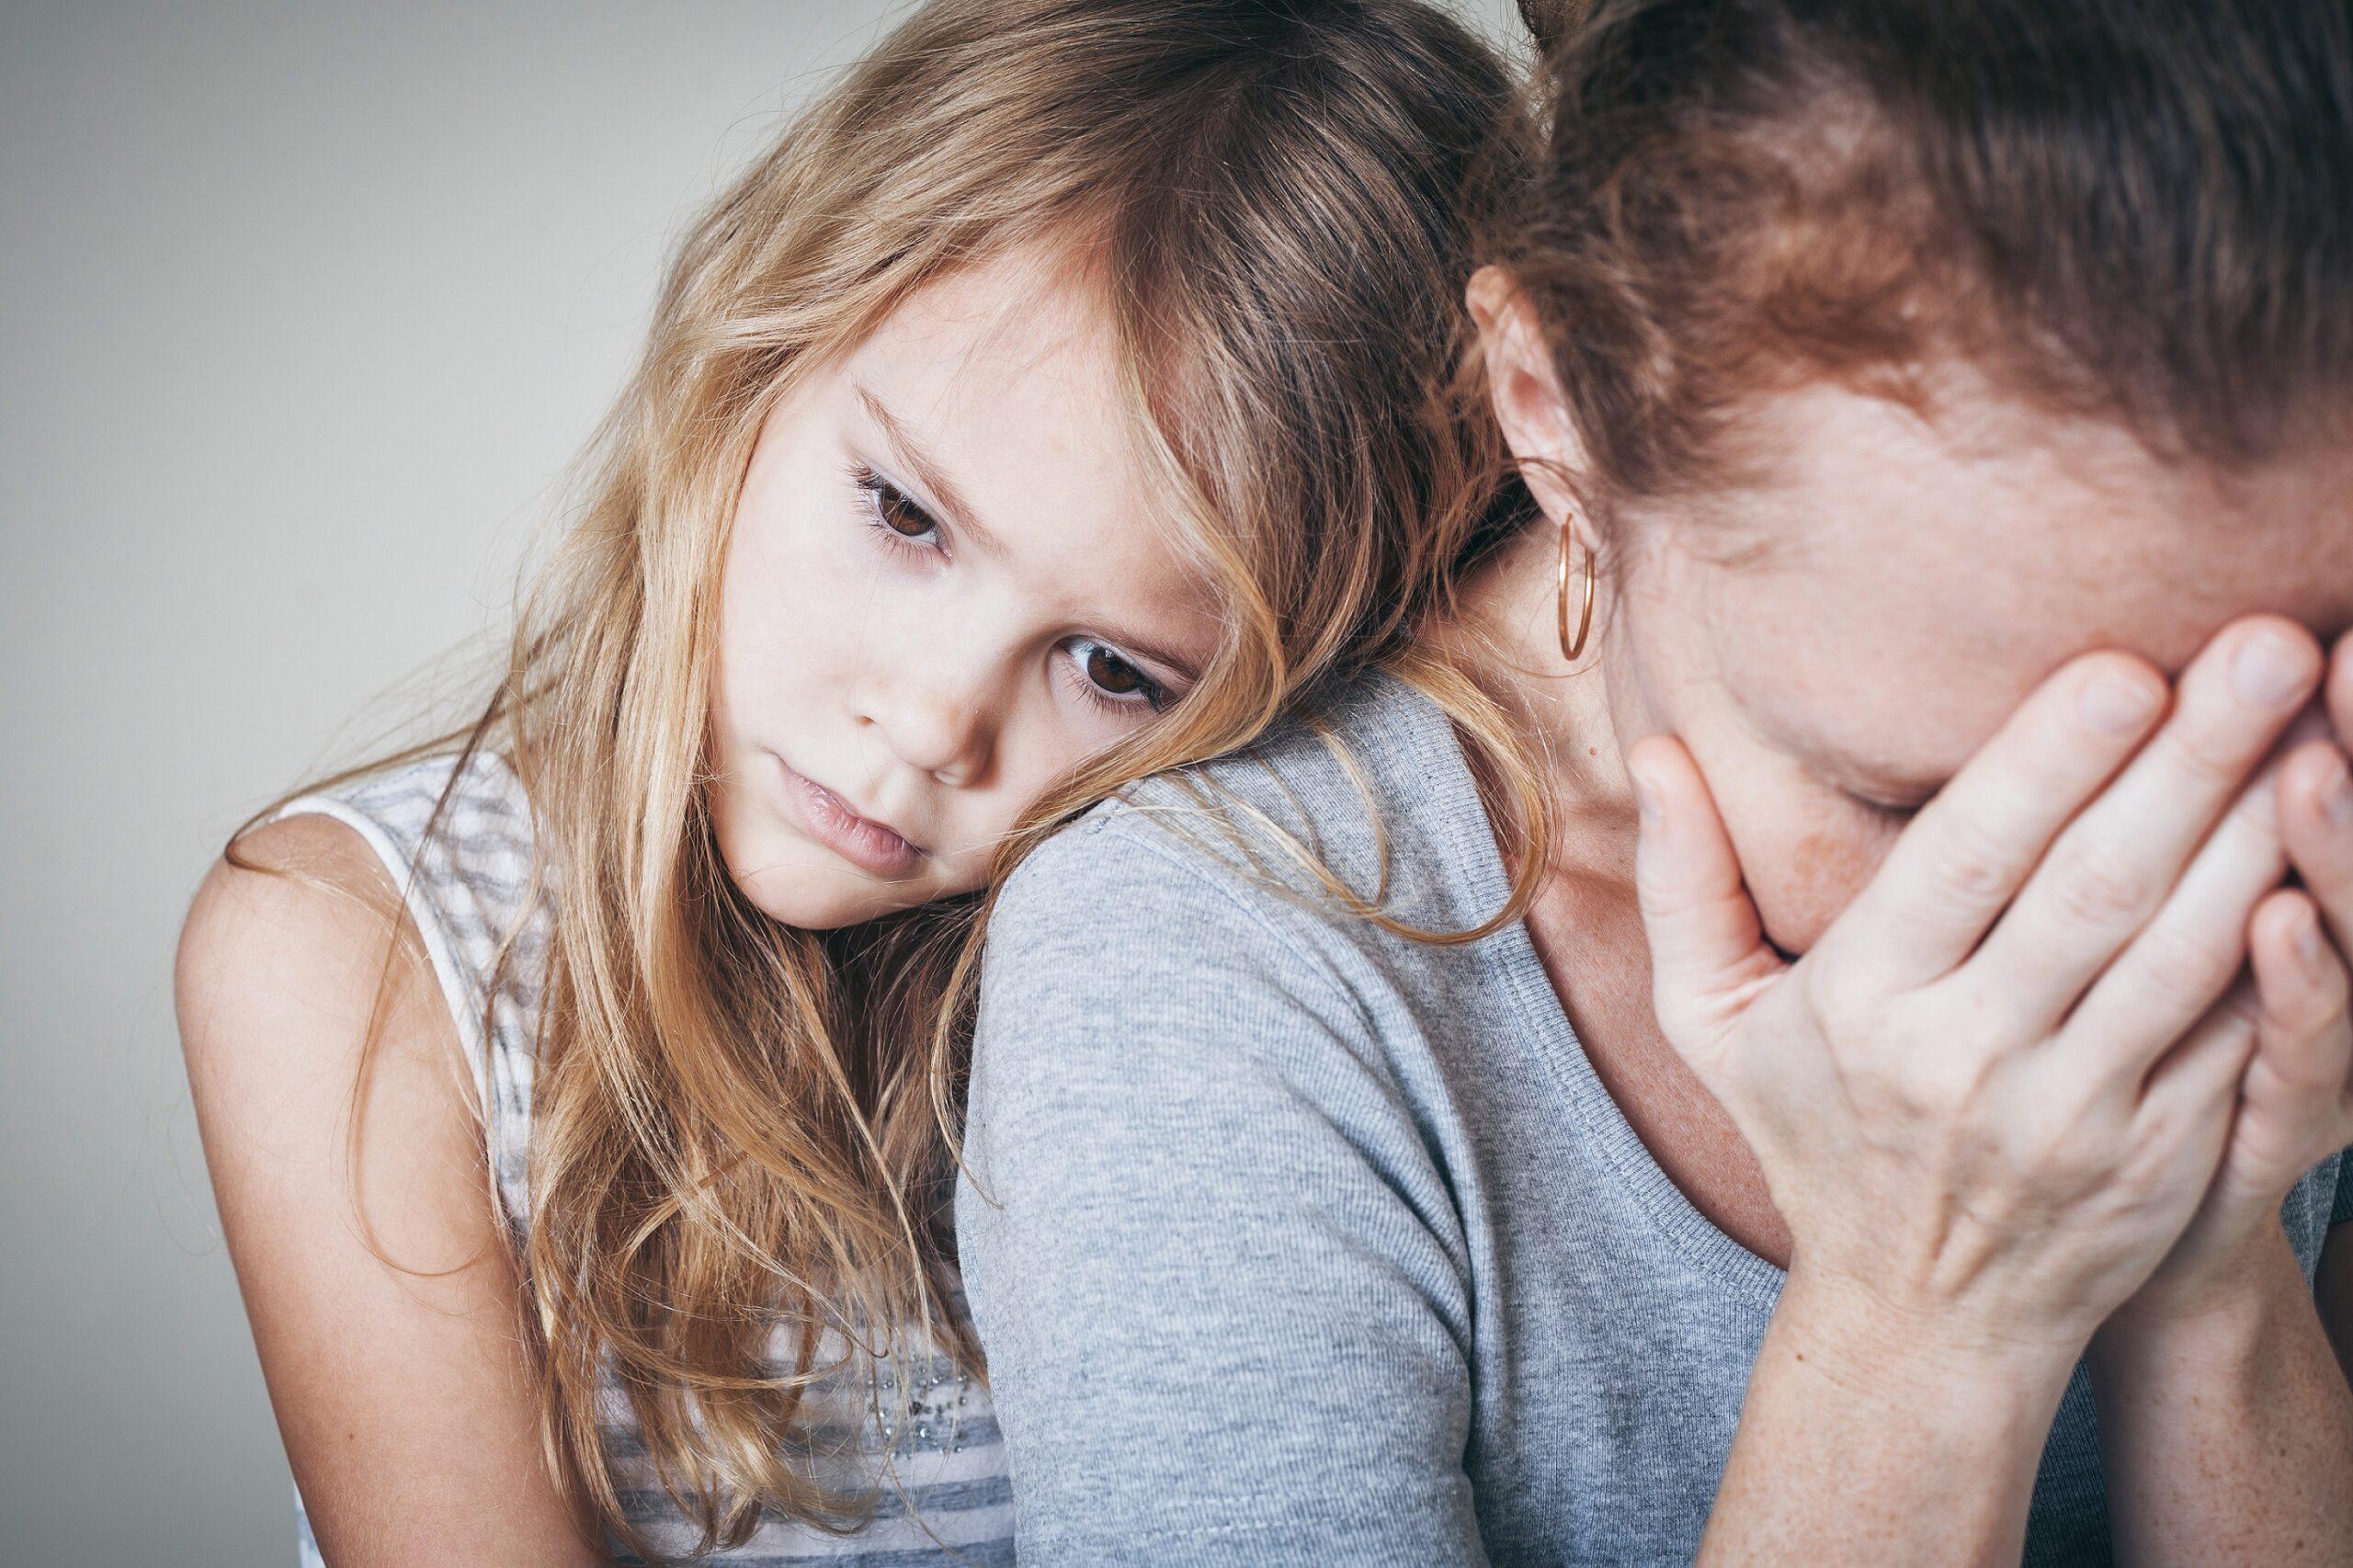 Depression von Müttern hat schlimme Folgen für Kinder - Naturheilkunde & Naturheilverfahren